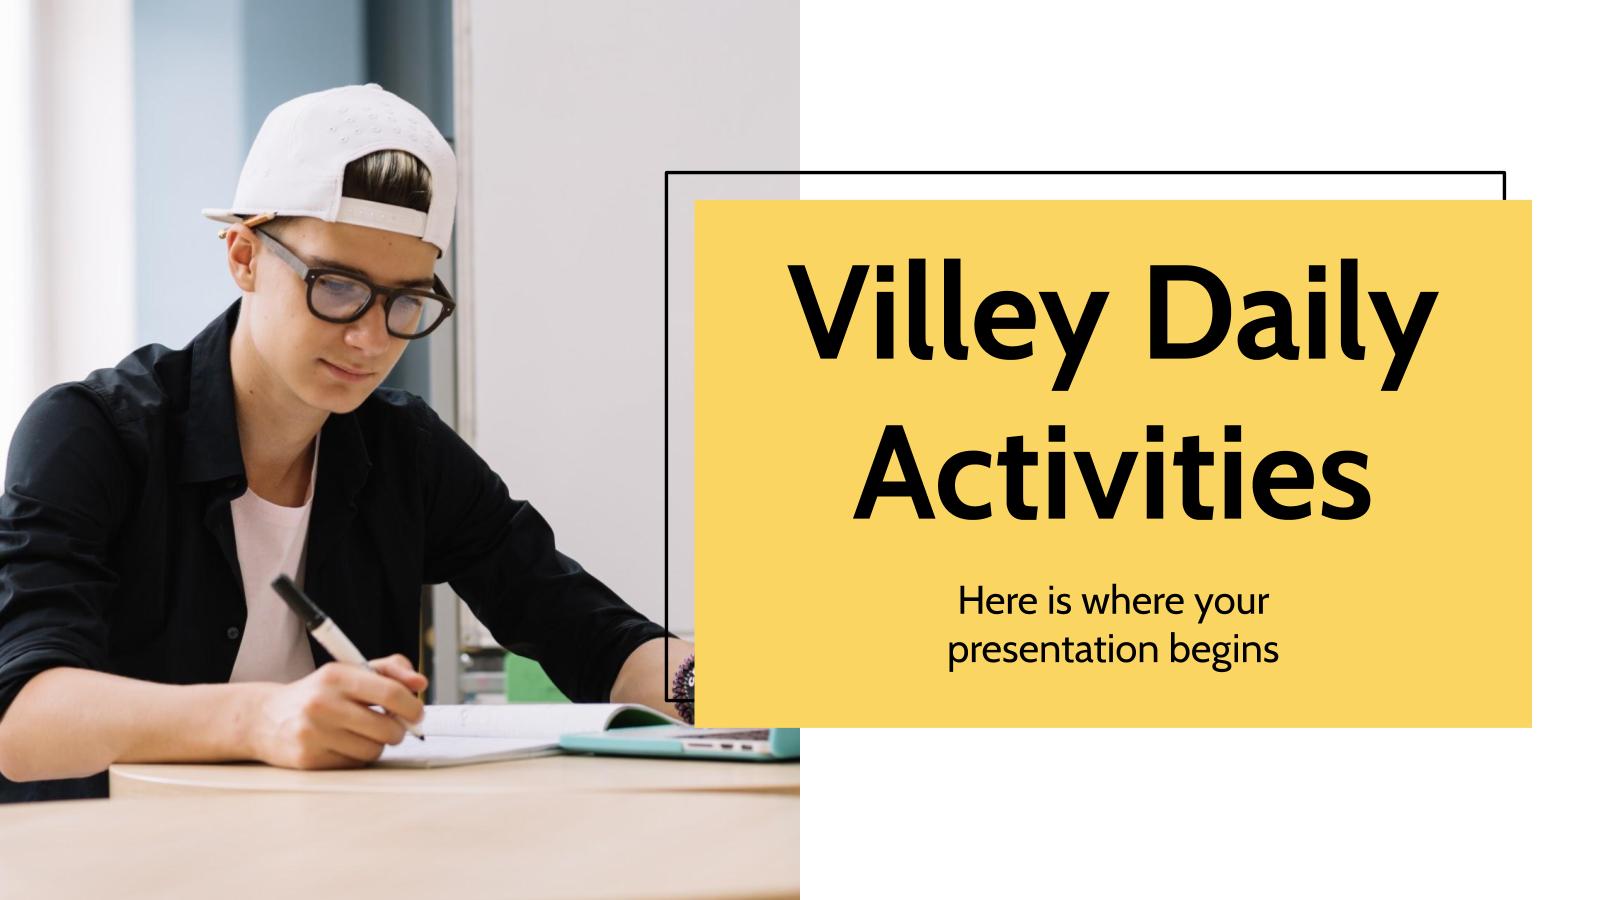 Activités quotidiennes Villey : Modèles de présentation